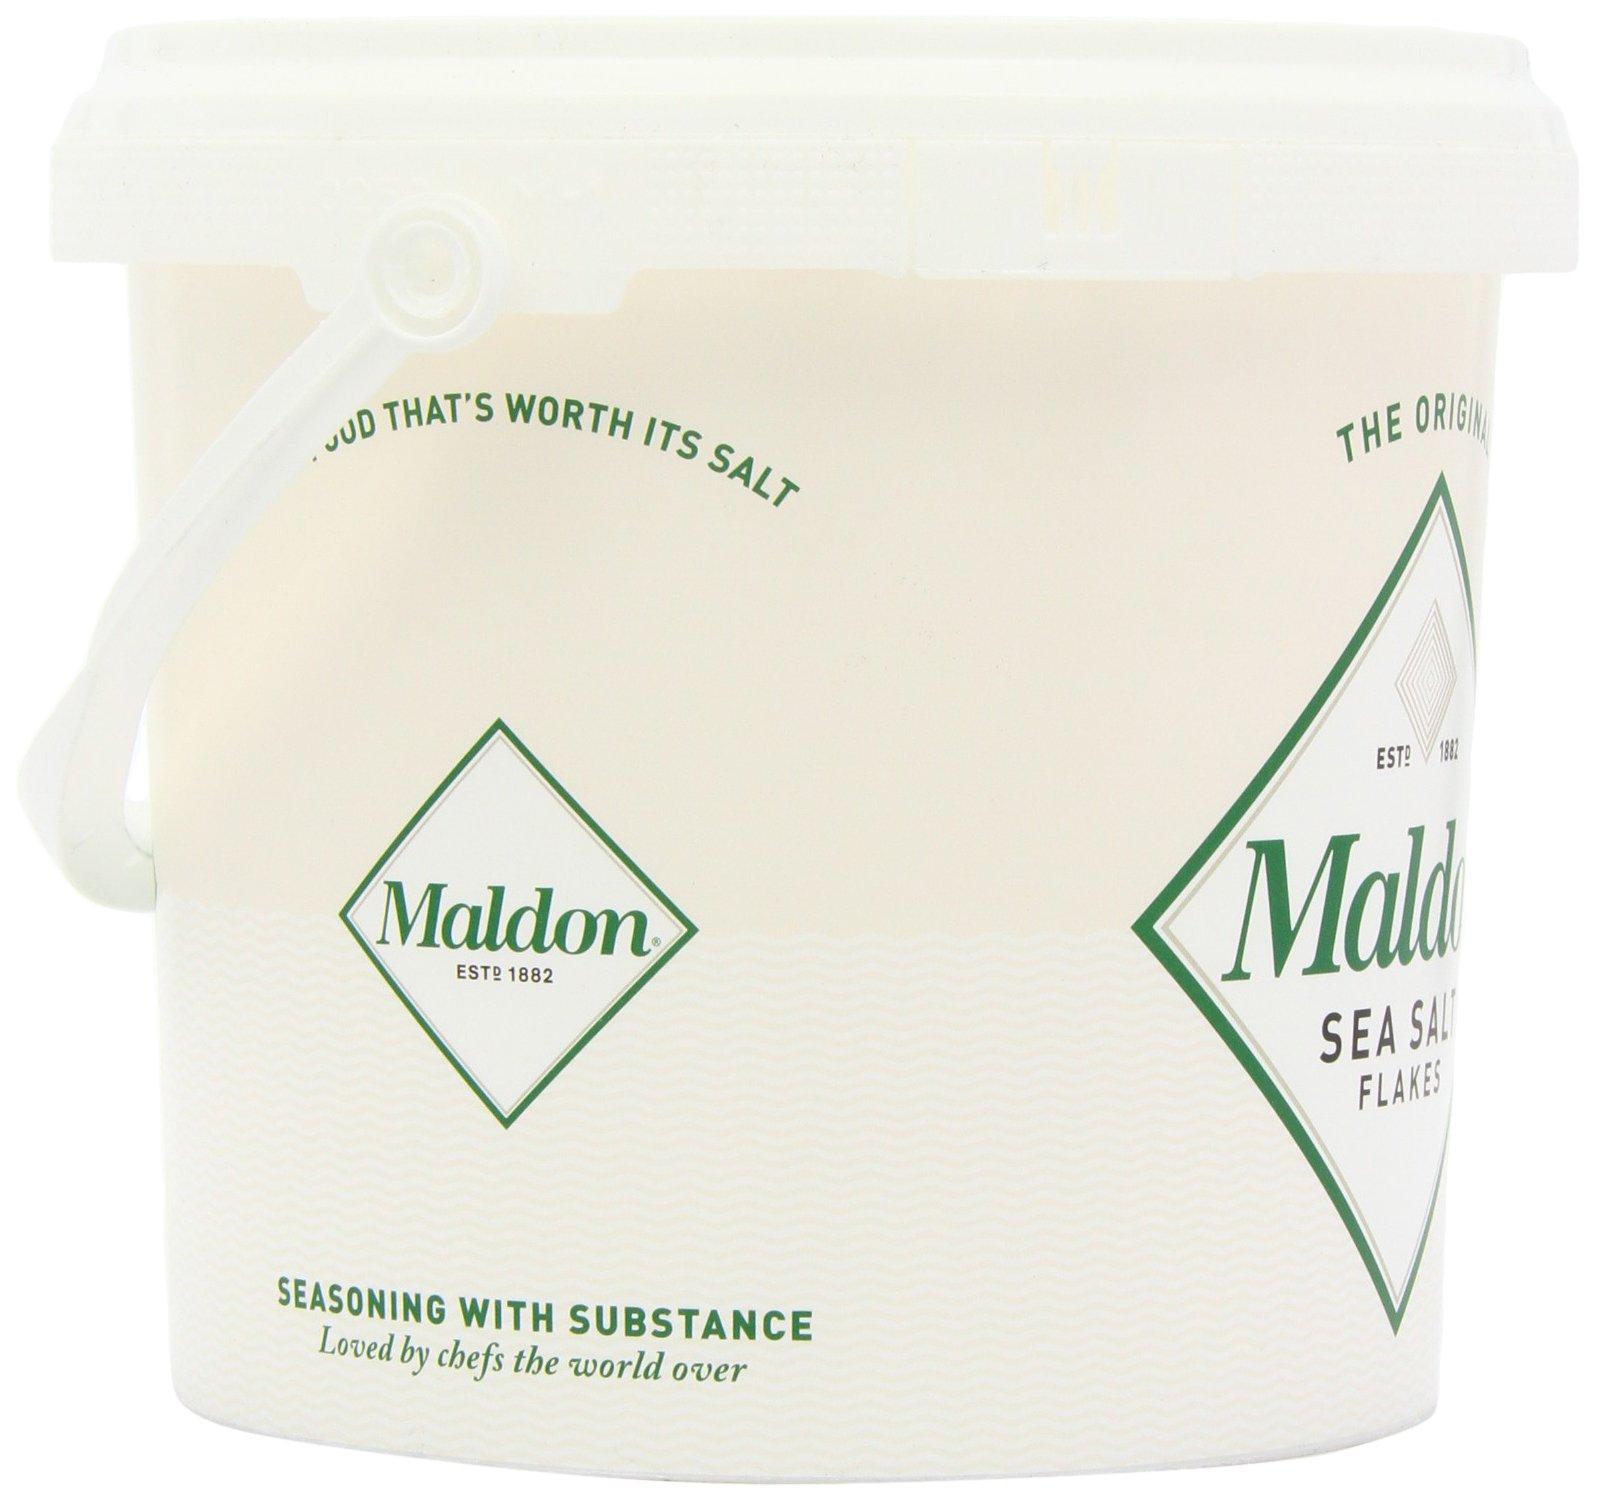 Maldon Sea Salt Flakes 1.5kg/3.3lbs Tub by Salt Traders (Image #6)